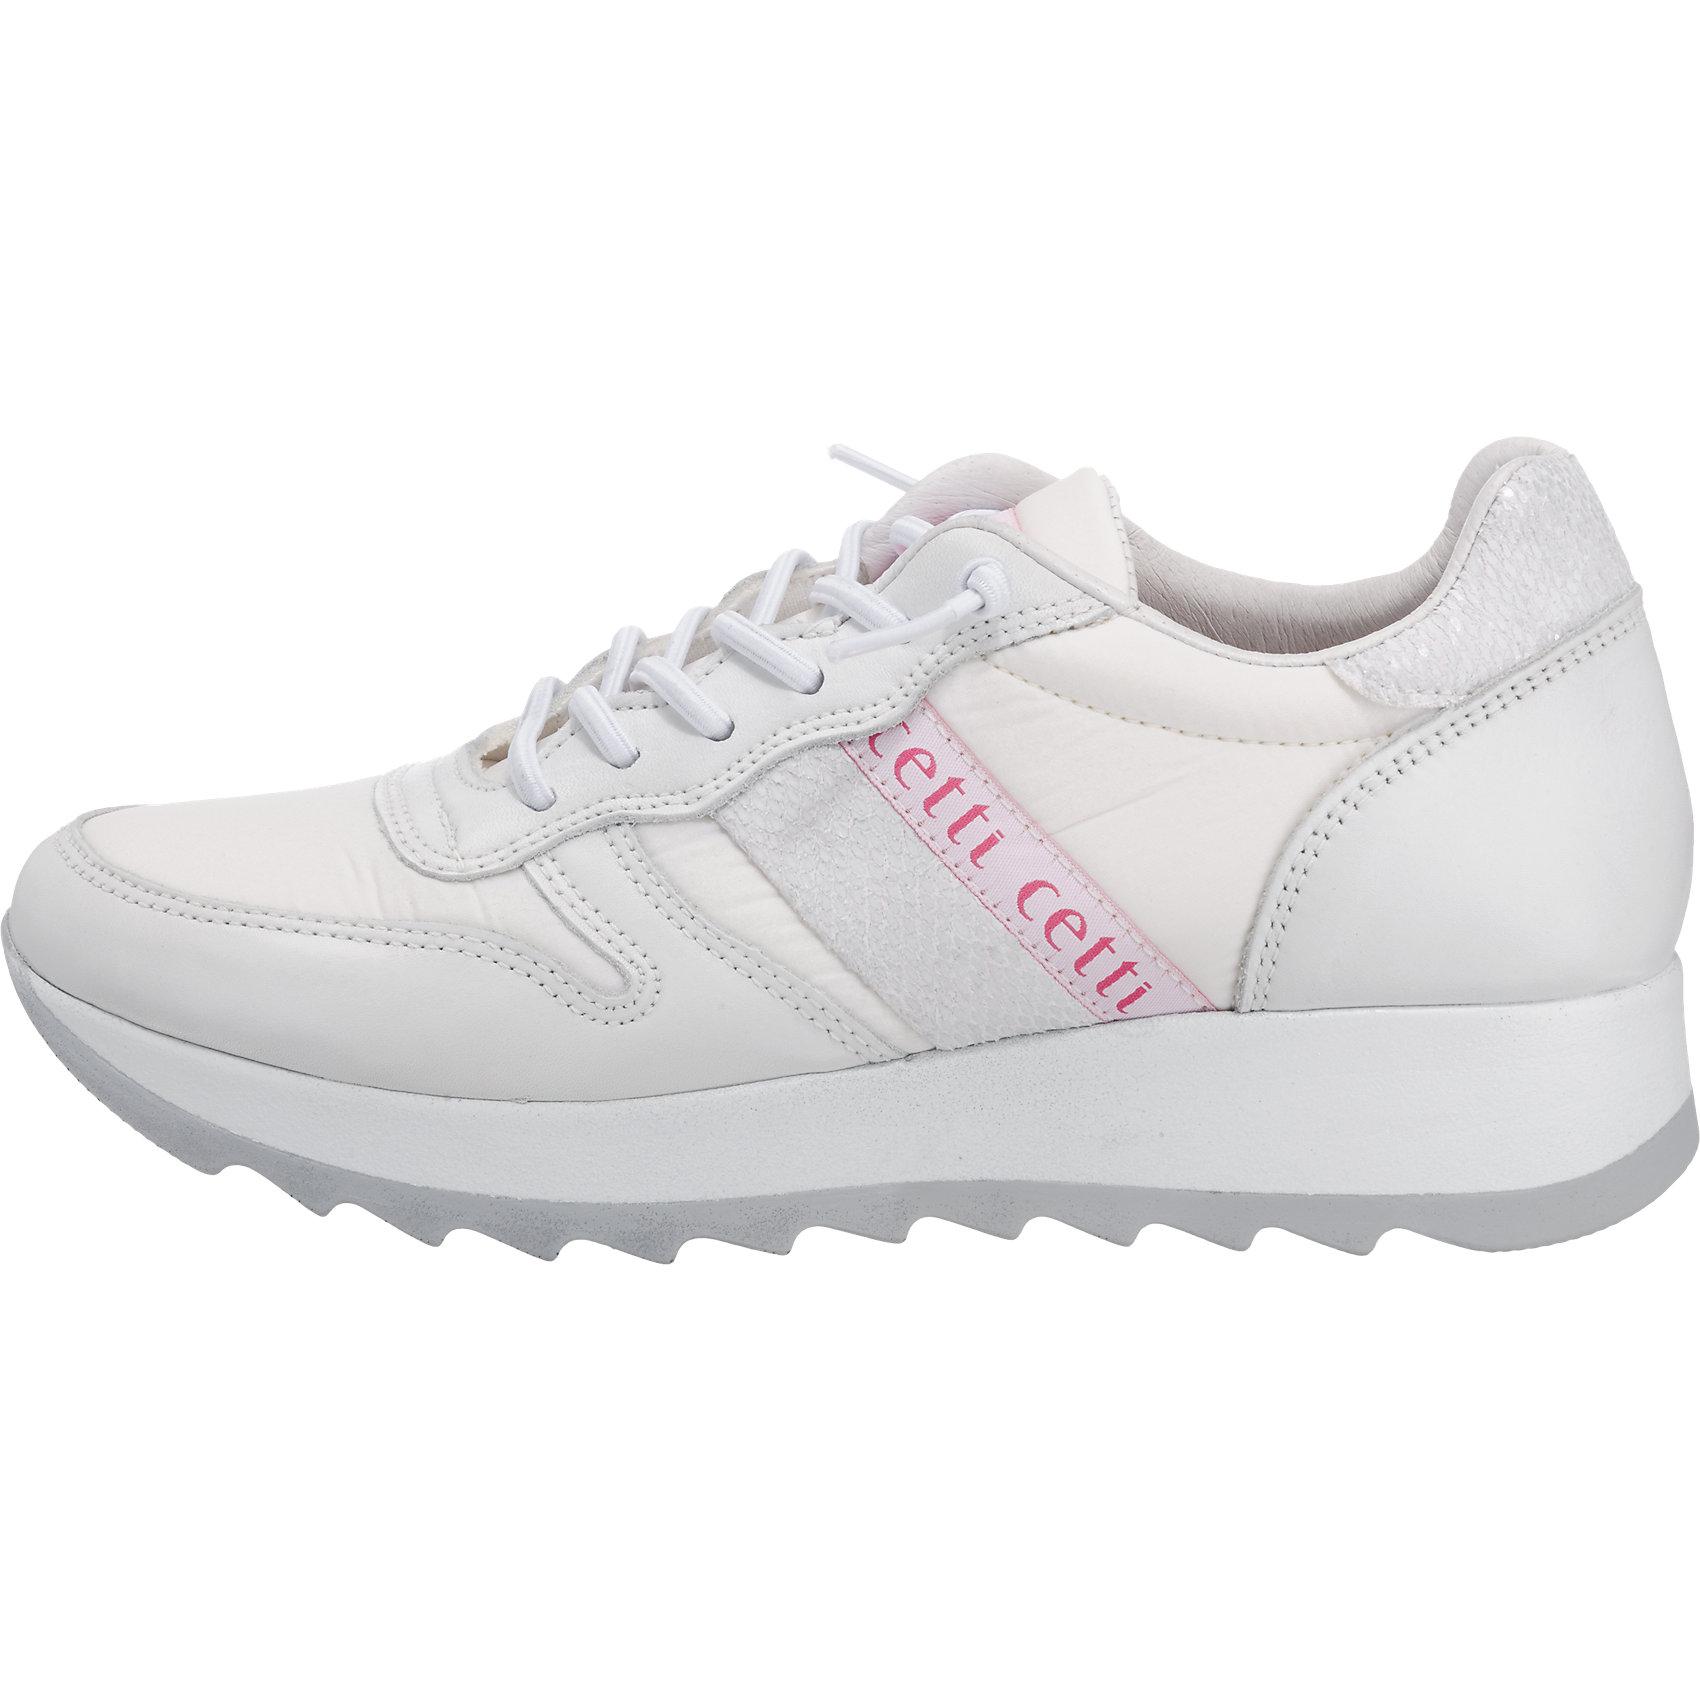 Details zu Neu Cetti Sneakers 5771971 für Damen offwhite